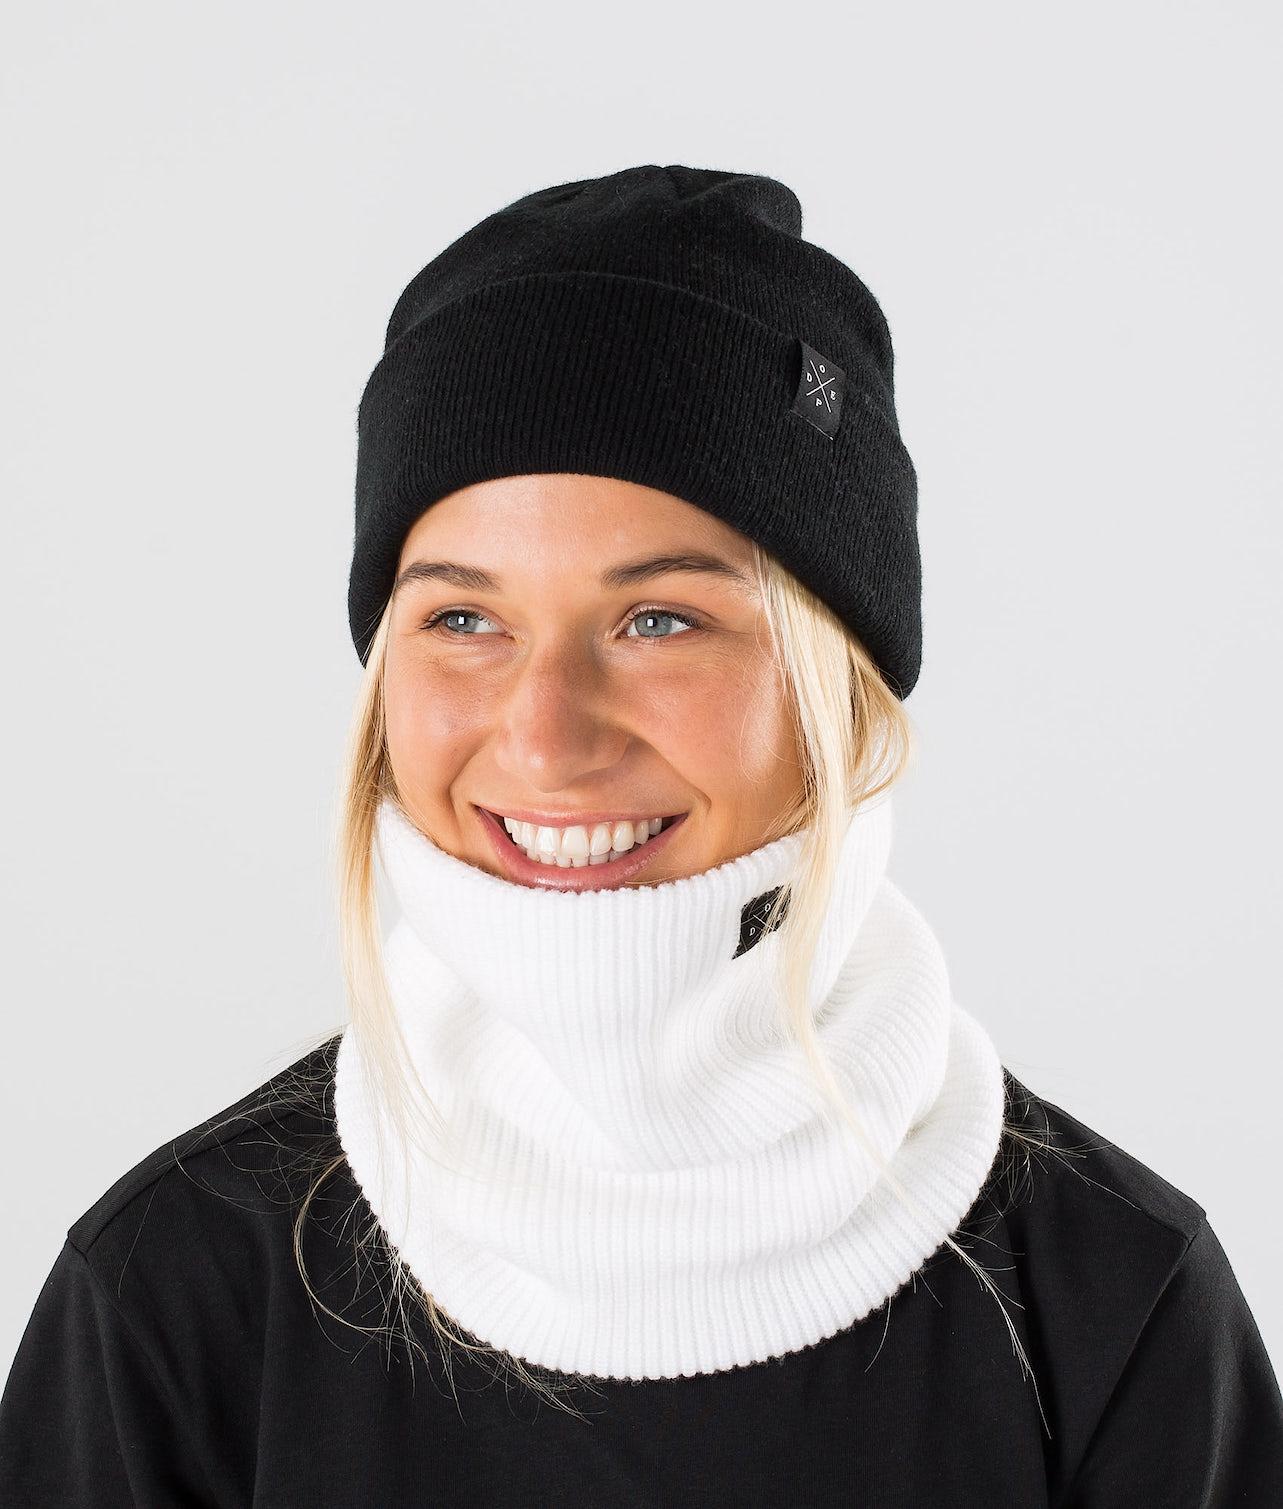 Kjøp 2X-UP Knitted Ansiktsmasker fra Dope på Ridestore.no - Hos oss har du alltid fri frakt, fri retur og 30 dagers åpent kjøp!